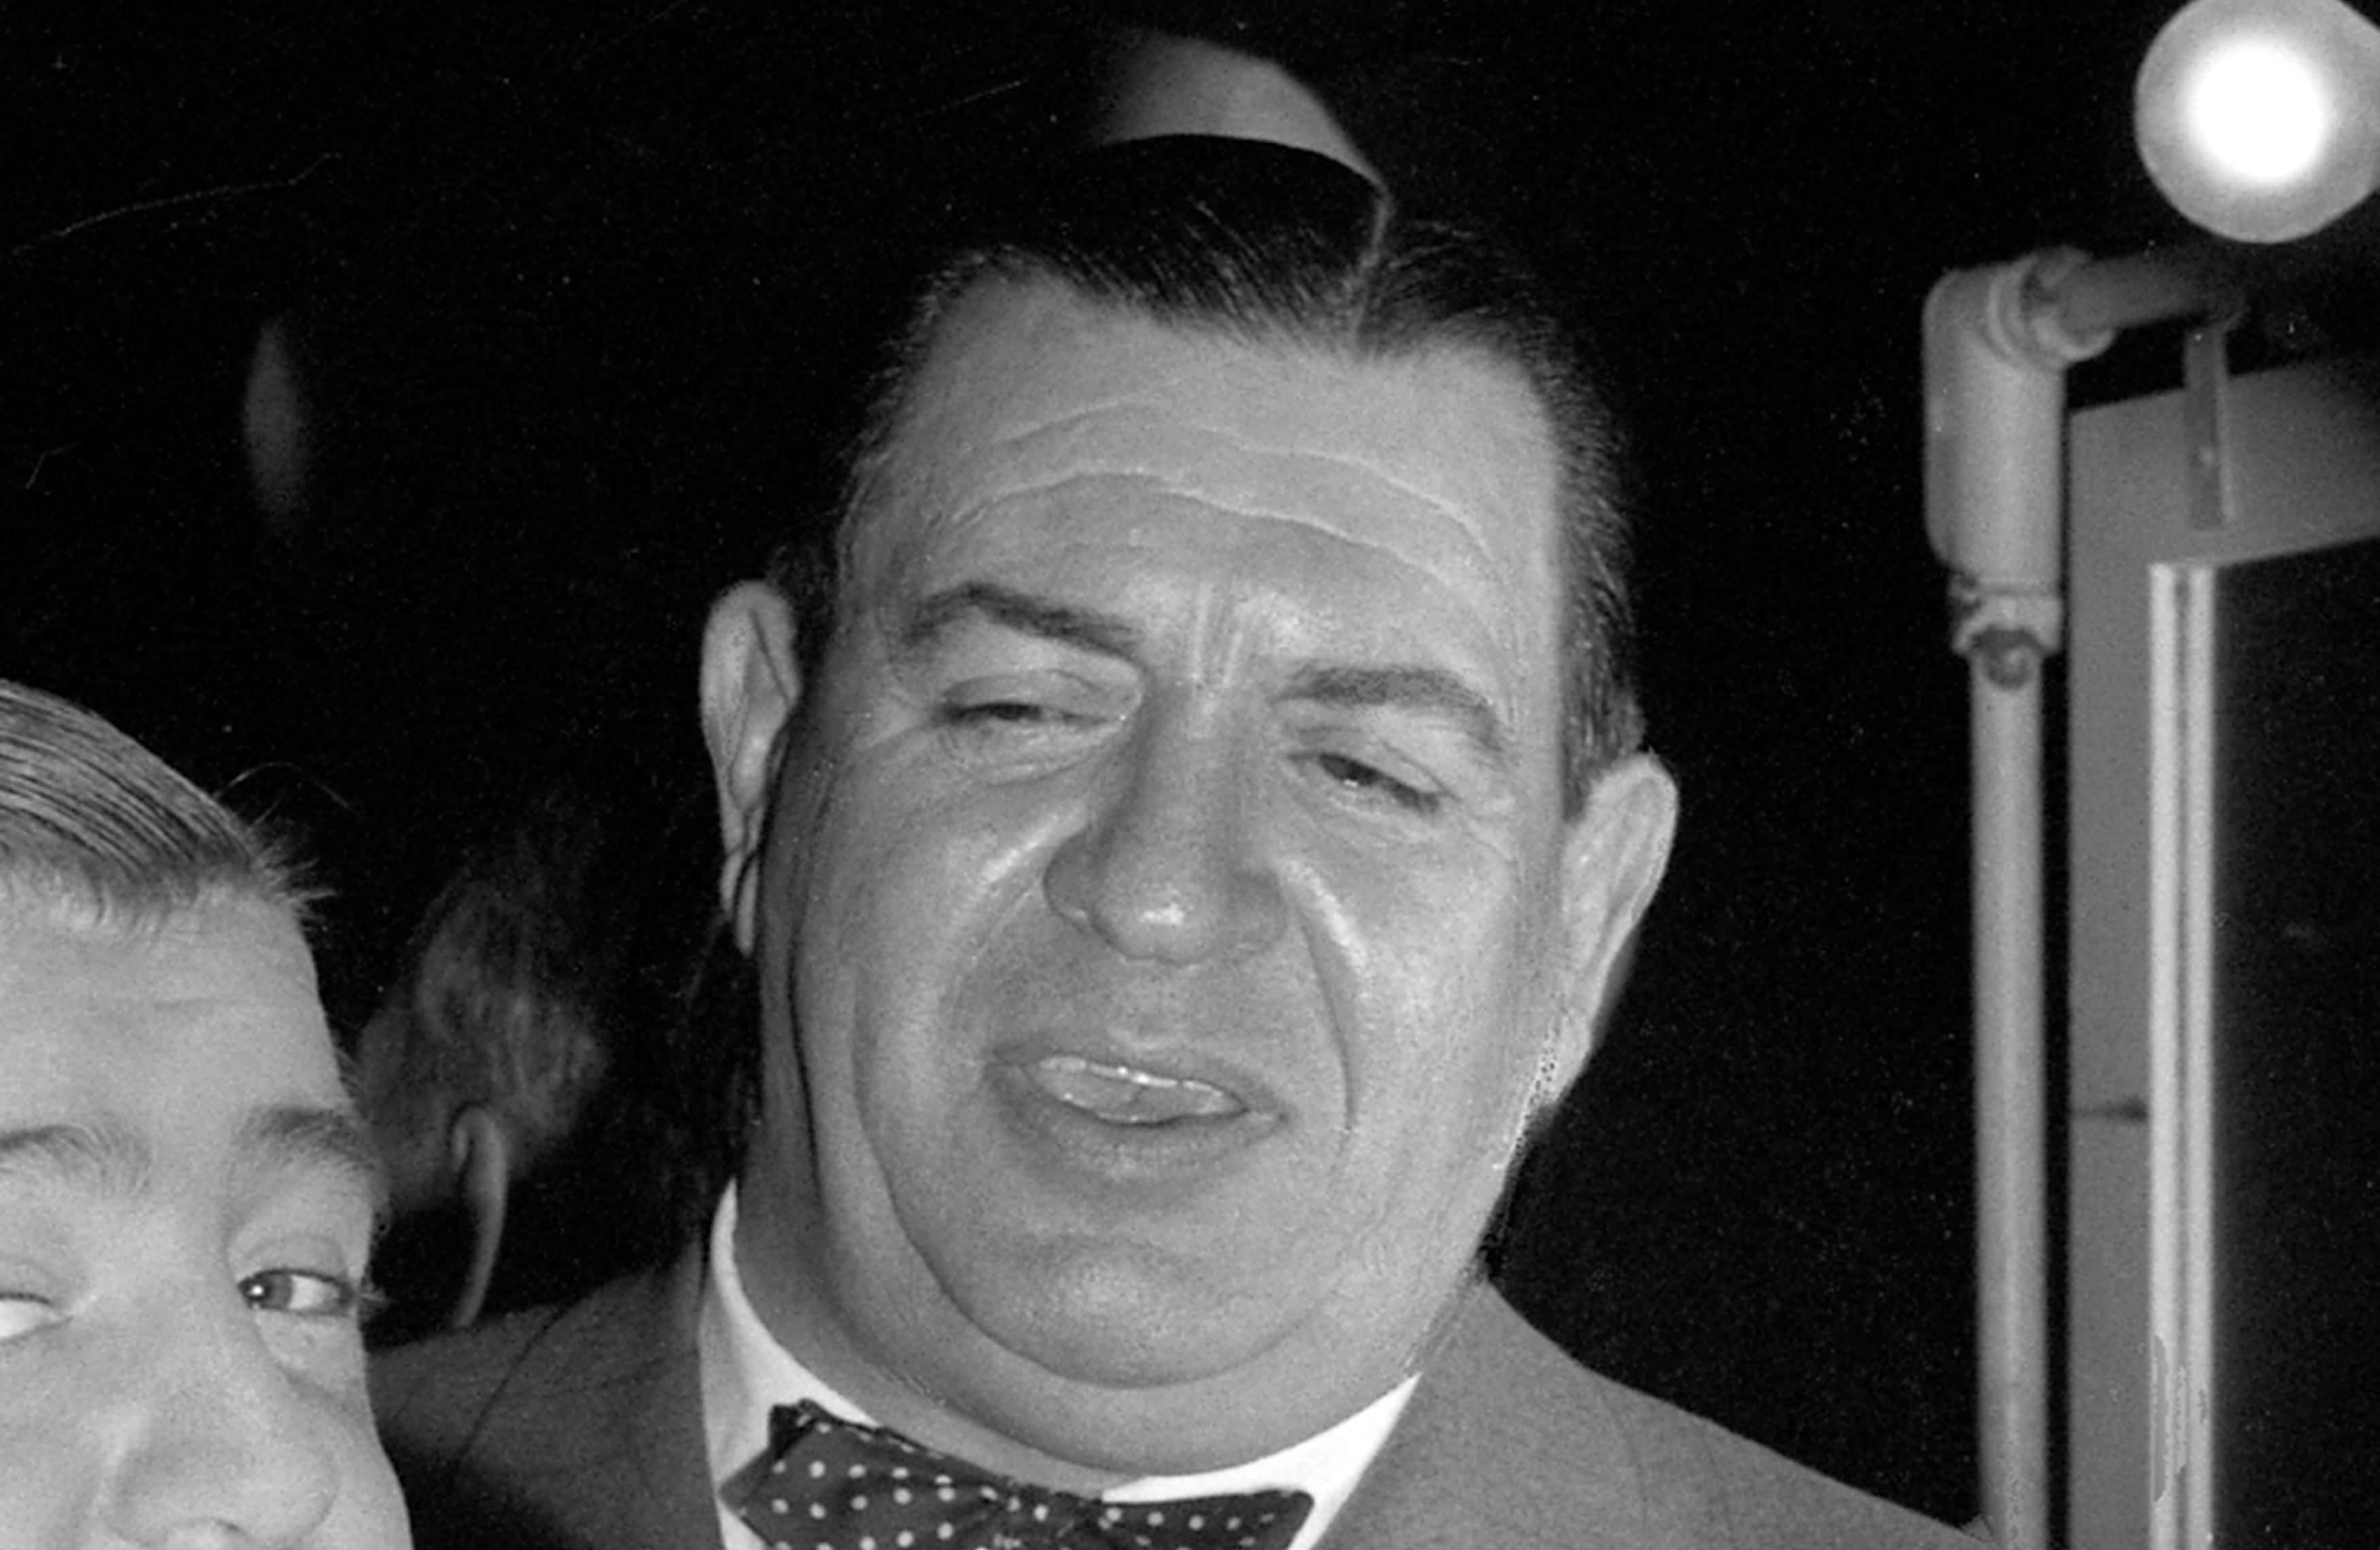 Charles F. Reisner